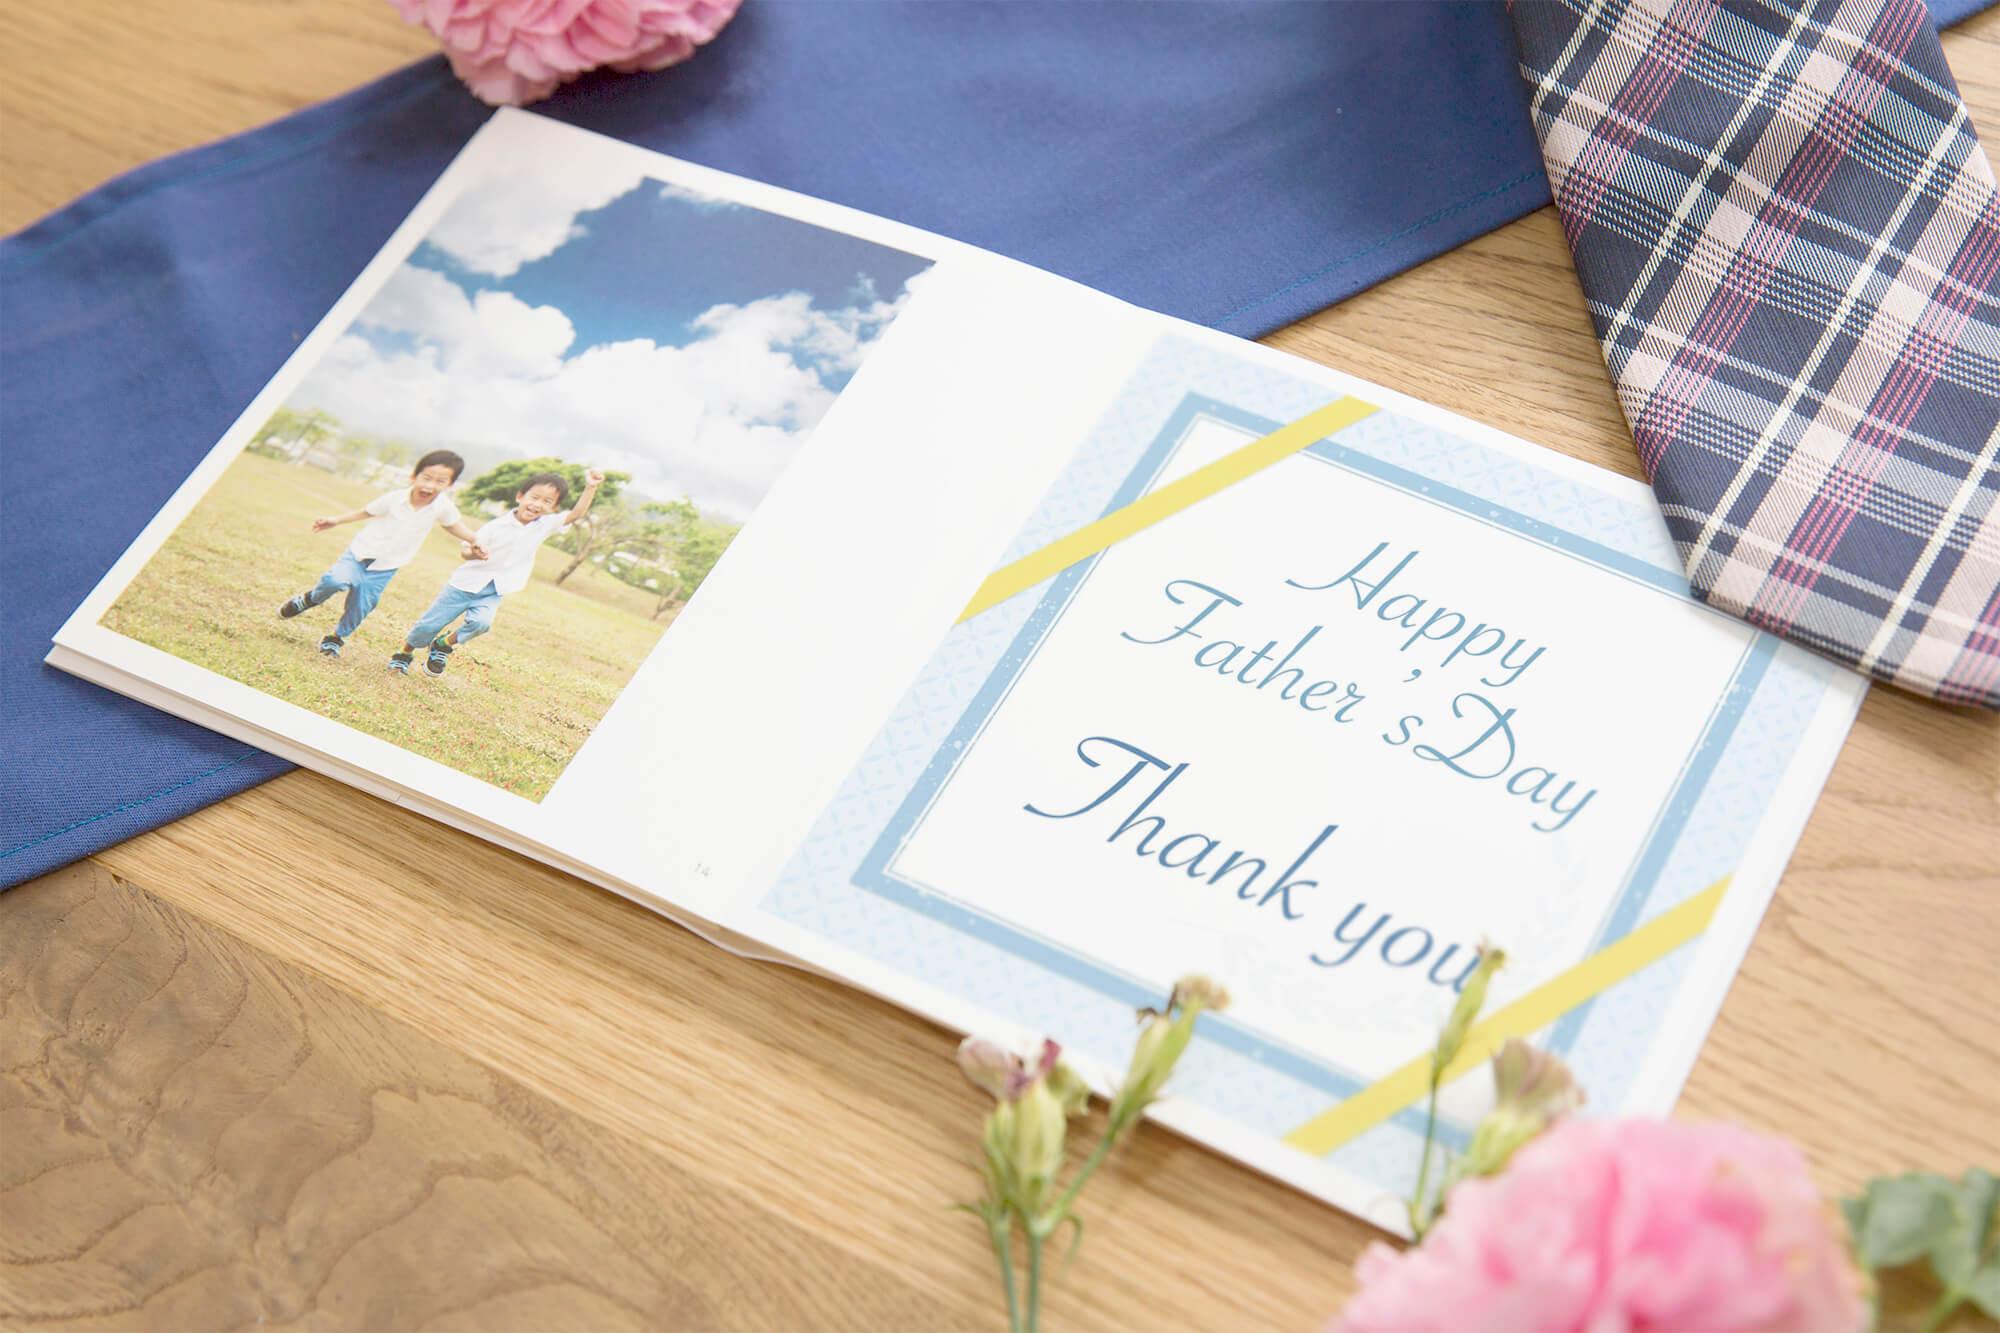 お父さんへ日頃の感謝のキモチを込めて贈るフォトブック。